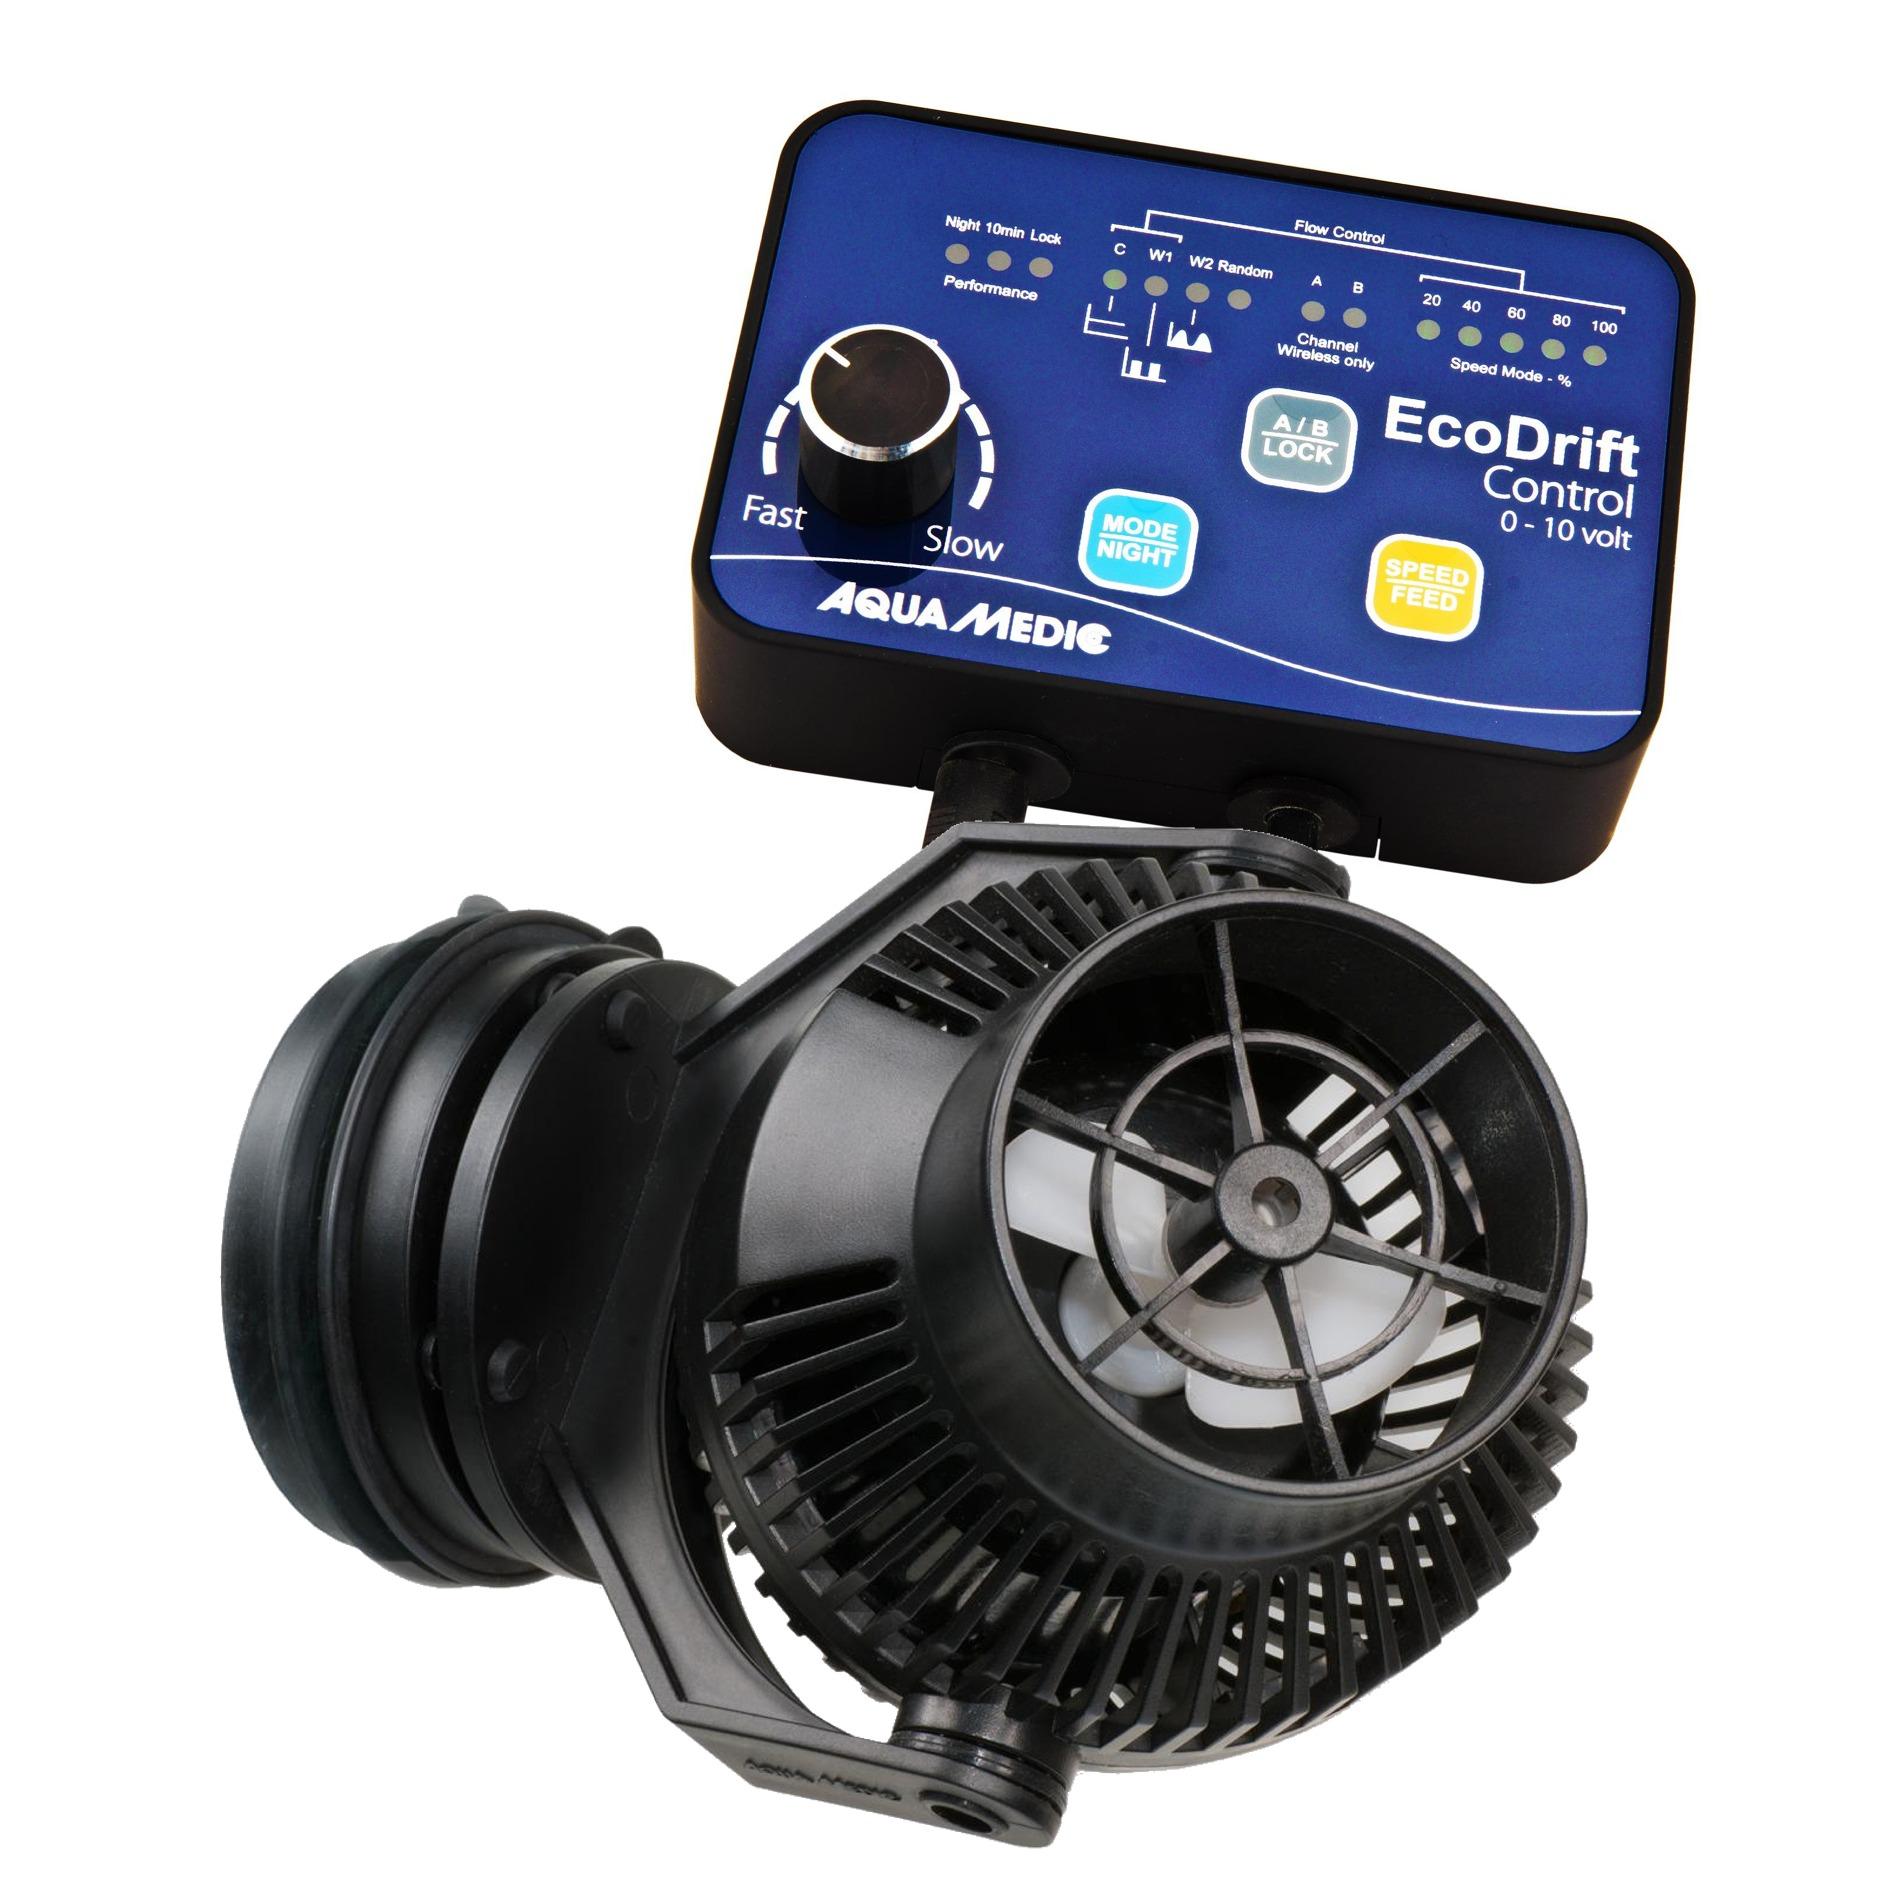 AQUA MEDIC ECODrift 4.1 pompe de brassage 800 à 4000 L/h avec contrôleur électronique pour aquarium jusqu\' à 300L